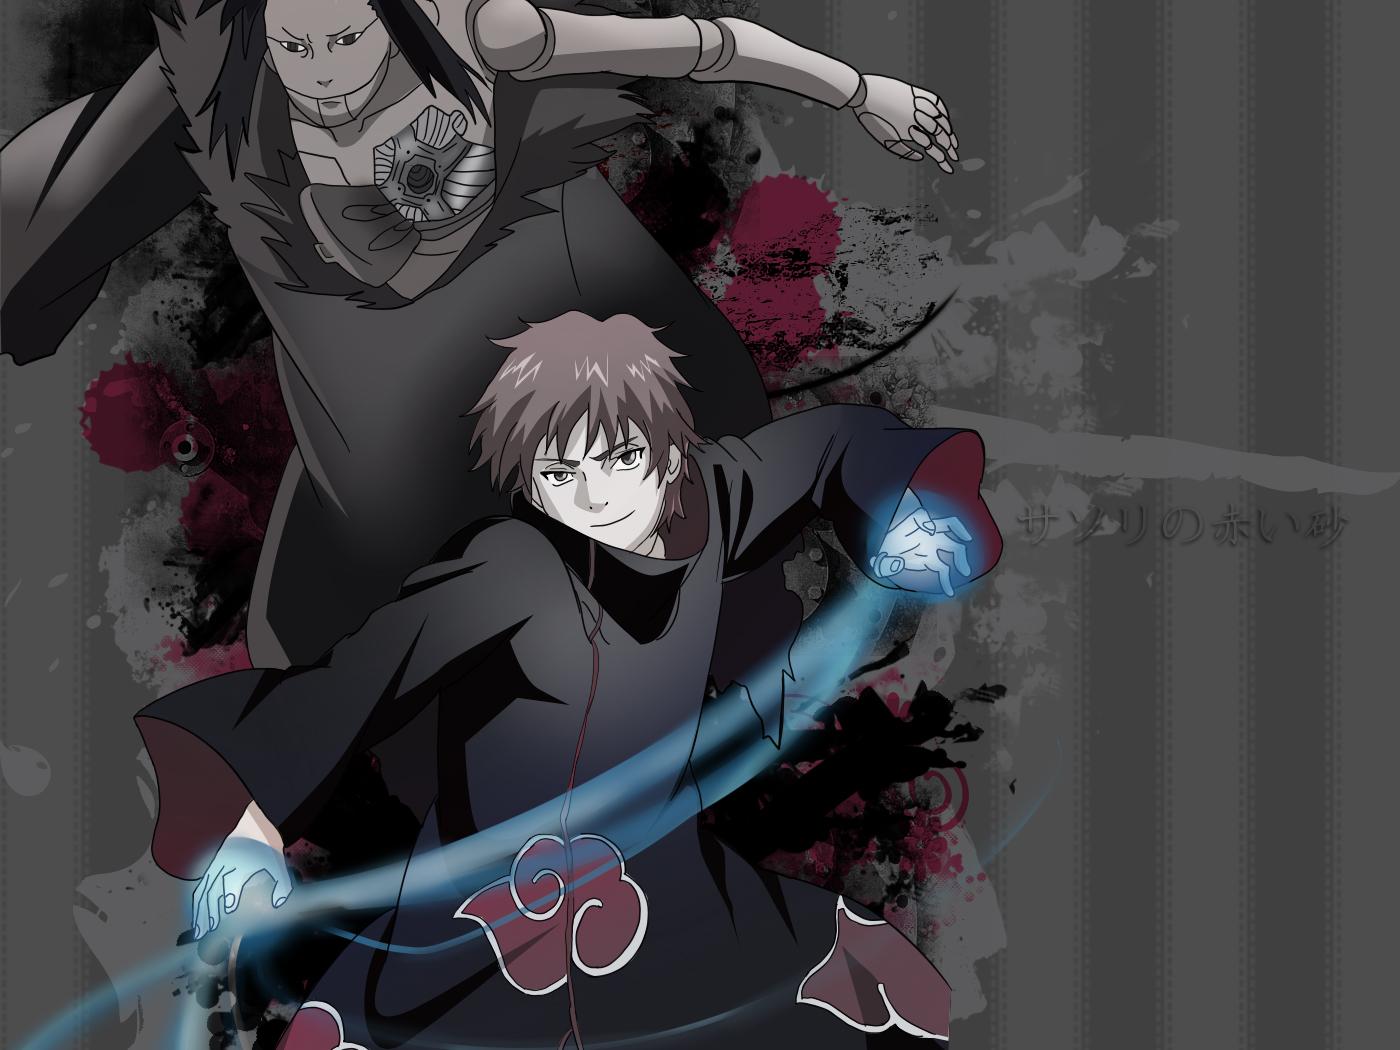 sasori naruto shippŪden page 15 of 19 zerochan anime image board